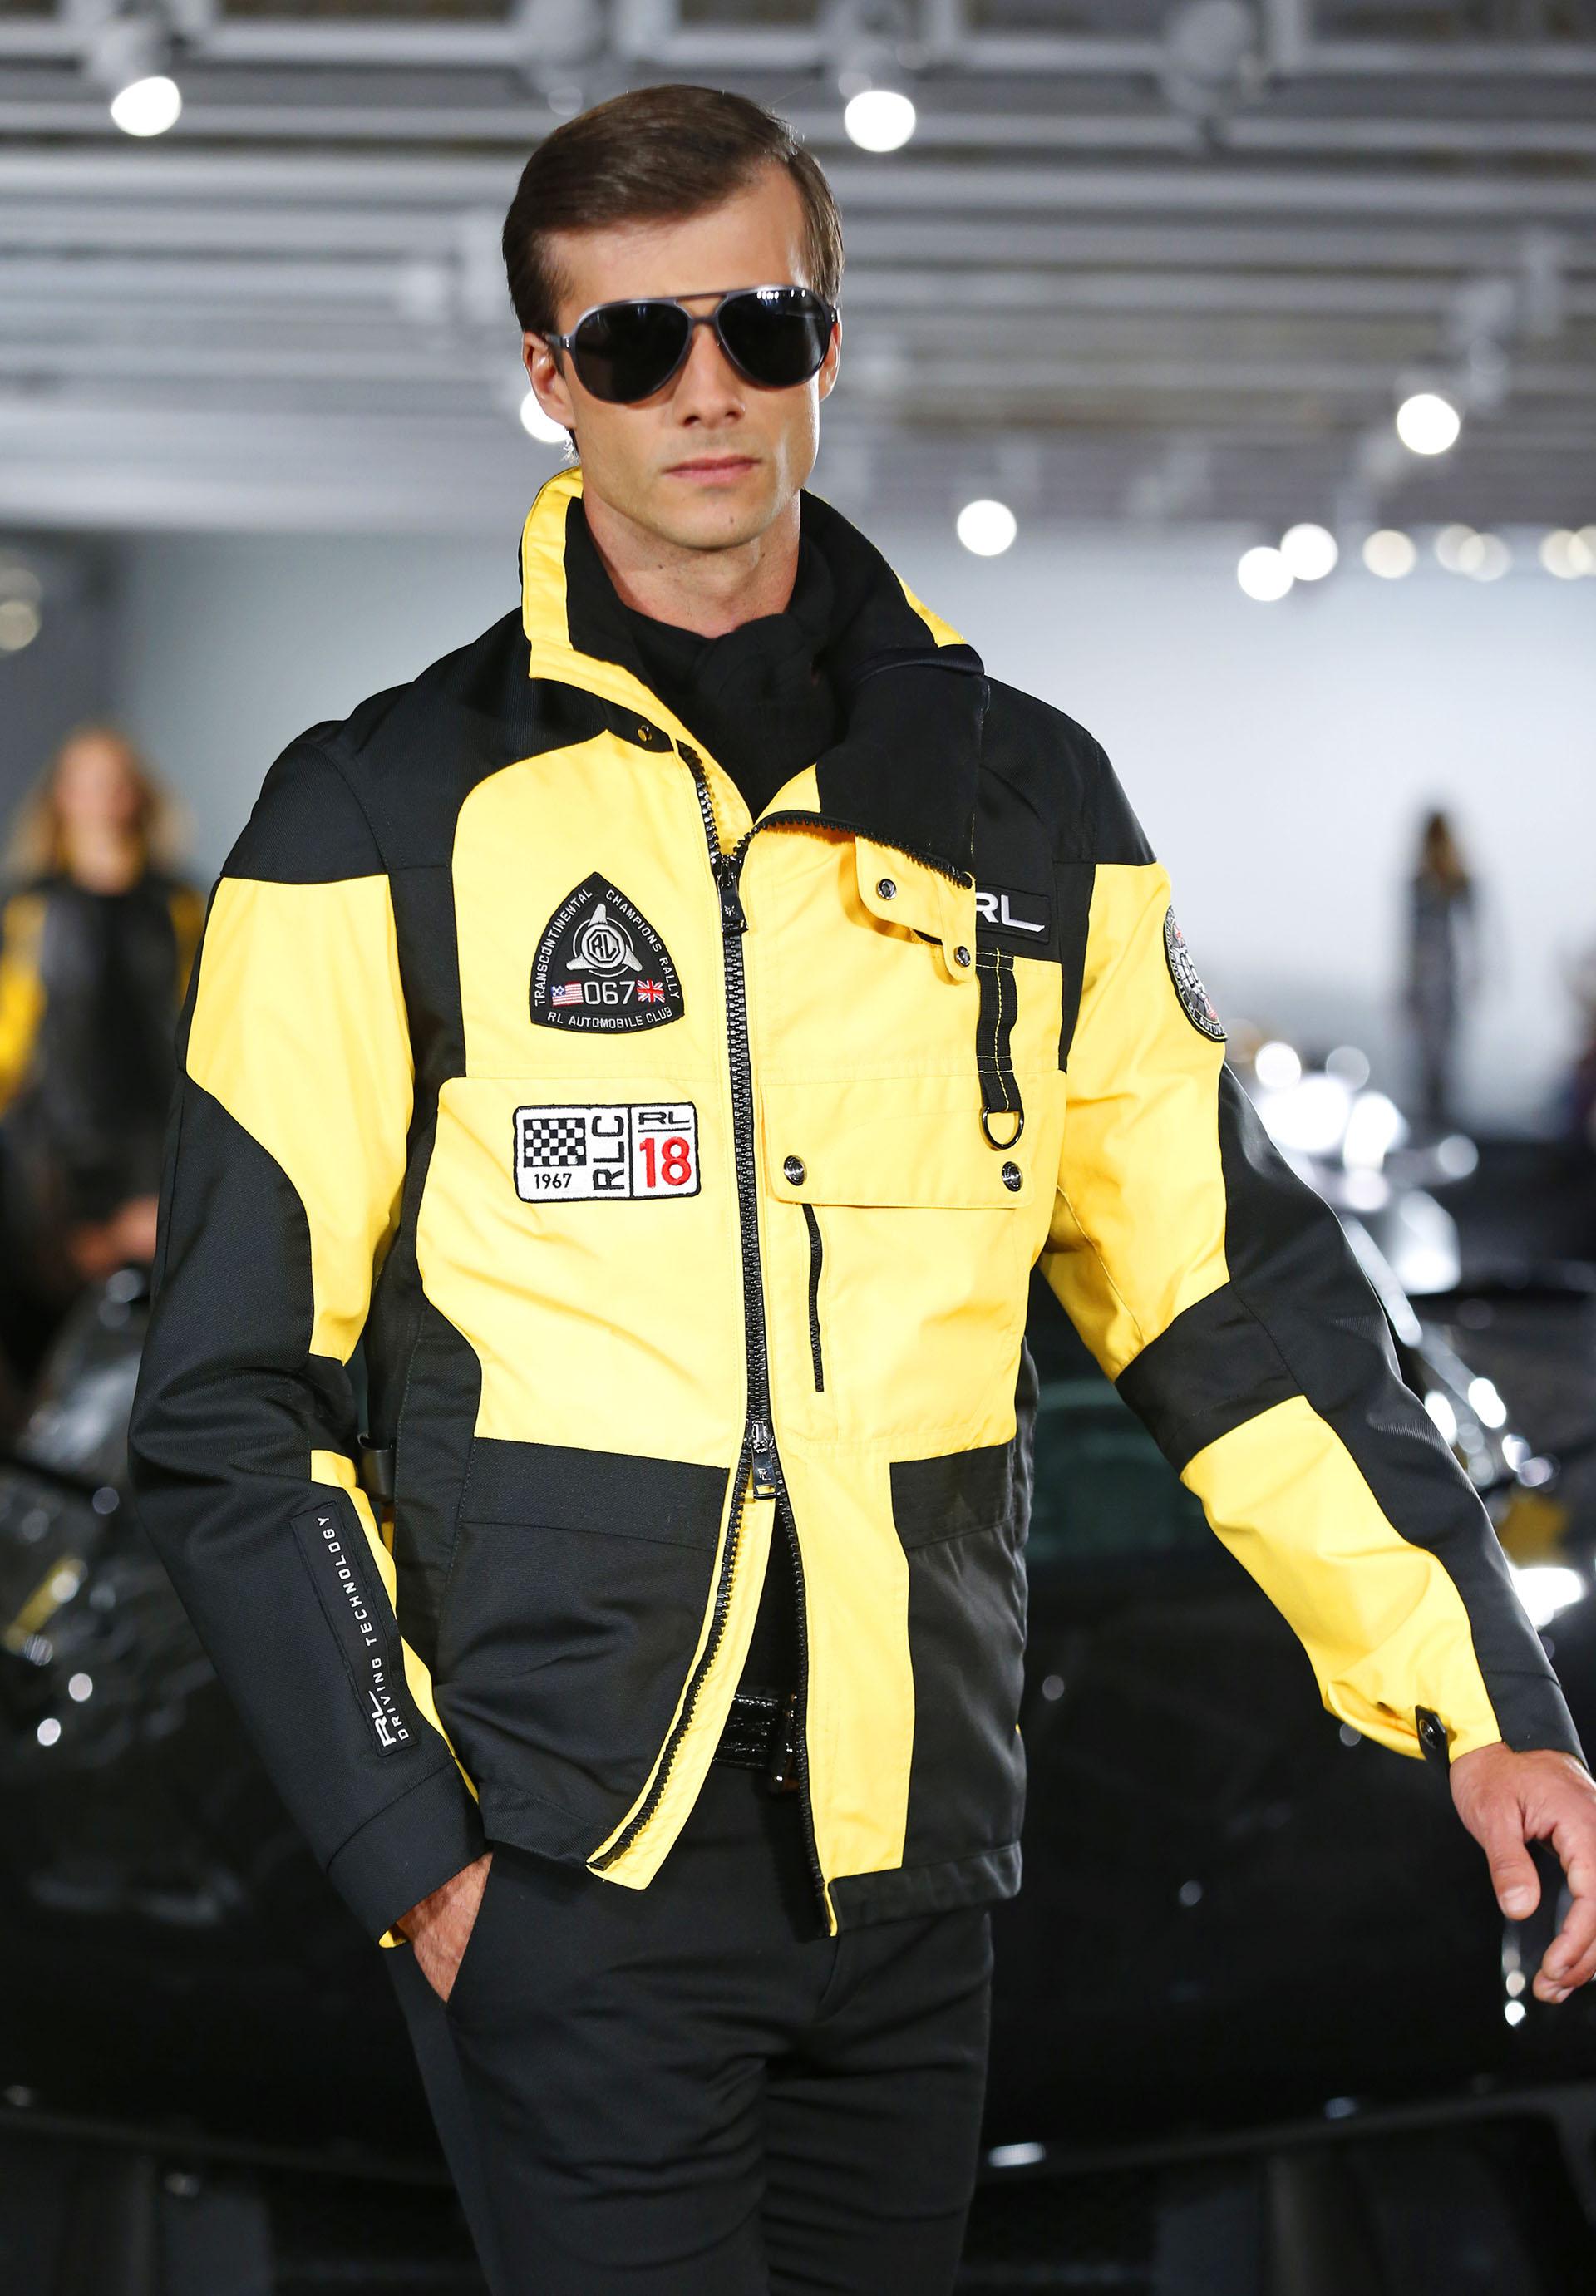 """Prendas elegantes que emulan los códigos de vestimenta presentes en las carreras. """"Mis coches siempre han sido una inspiración para mí. Los percibo como arte en movimiento"""", puntualizó el consagrado diseñador (AP Photo/Kathy Willens)"""